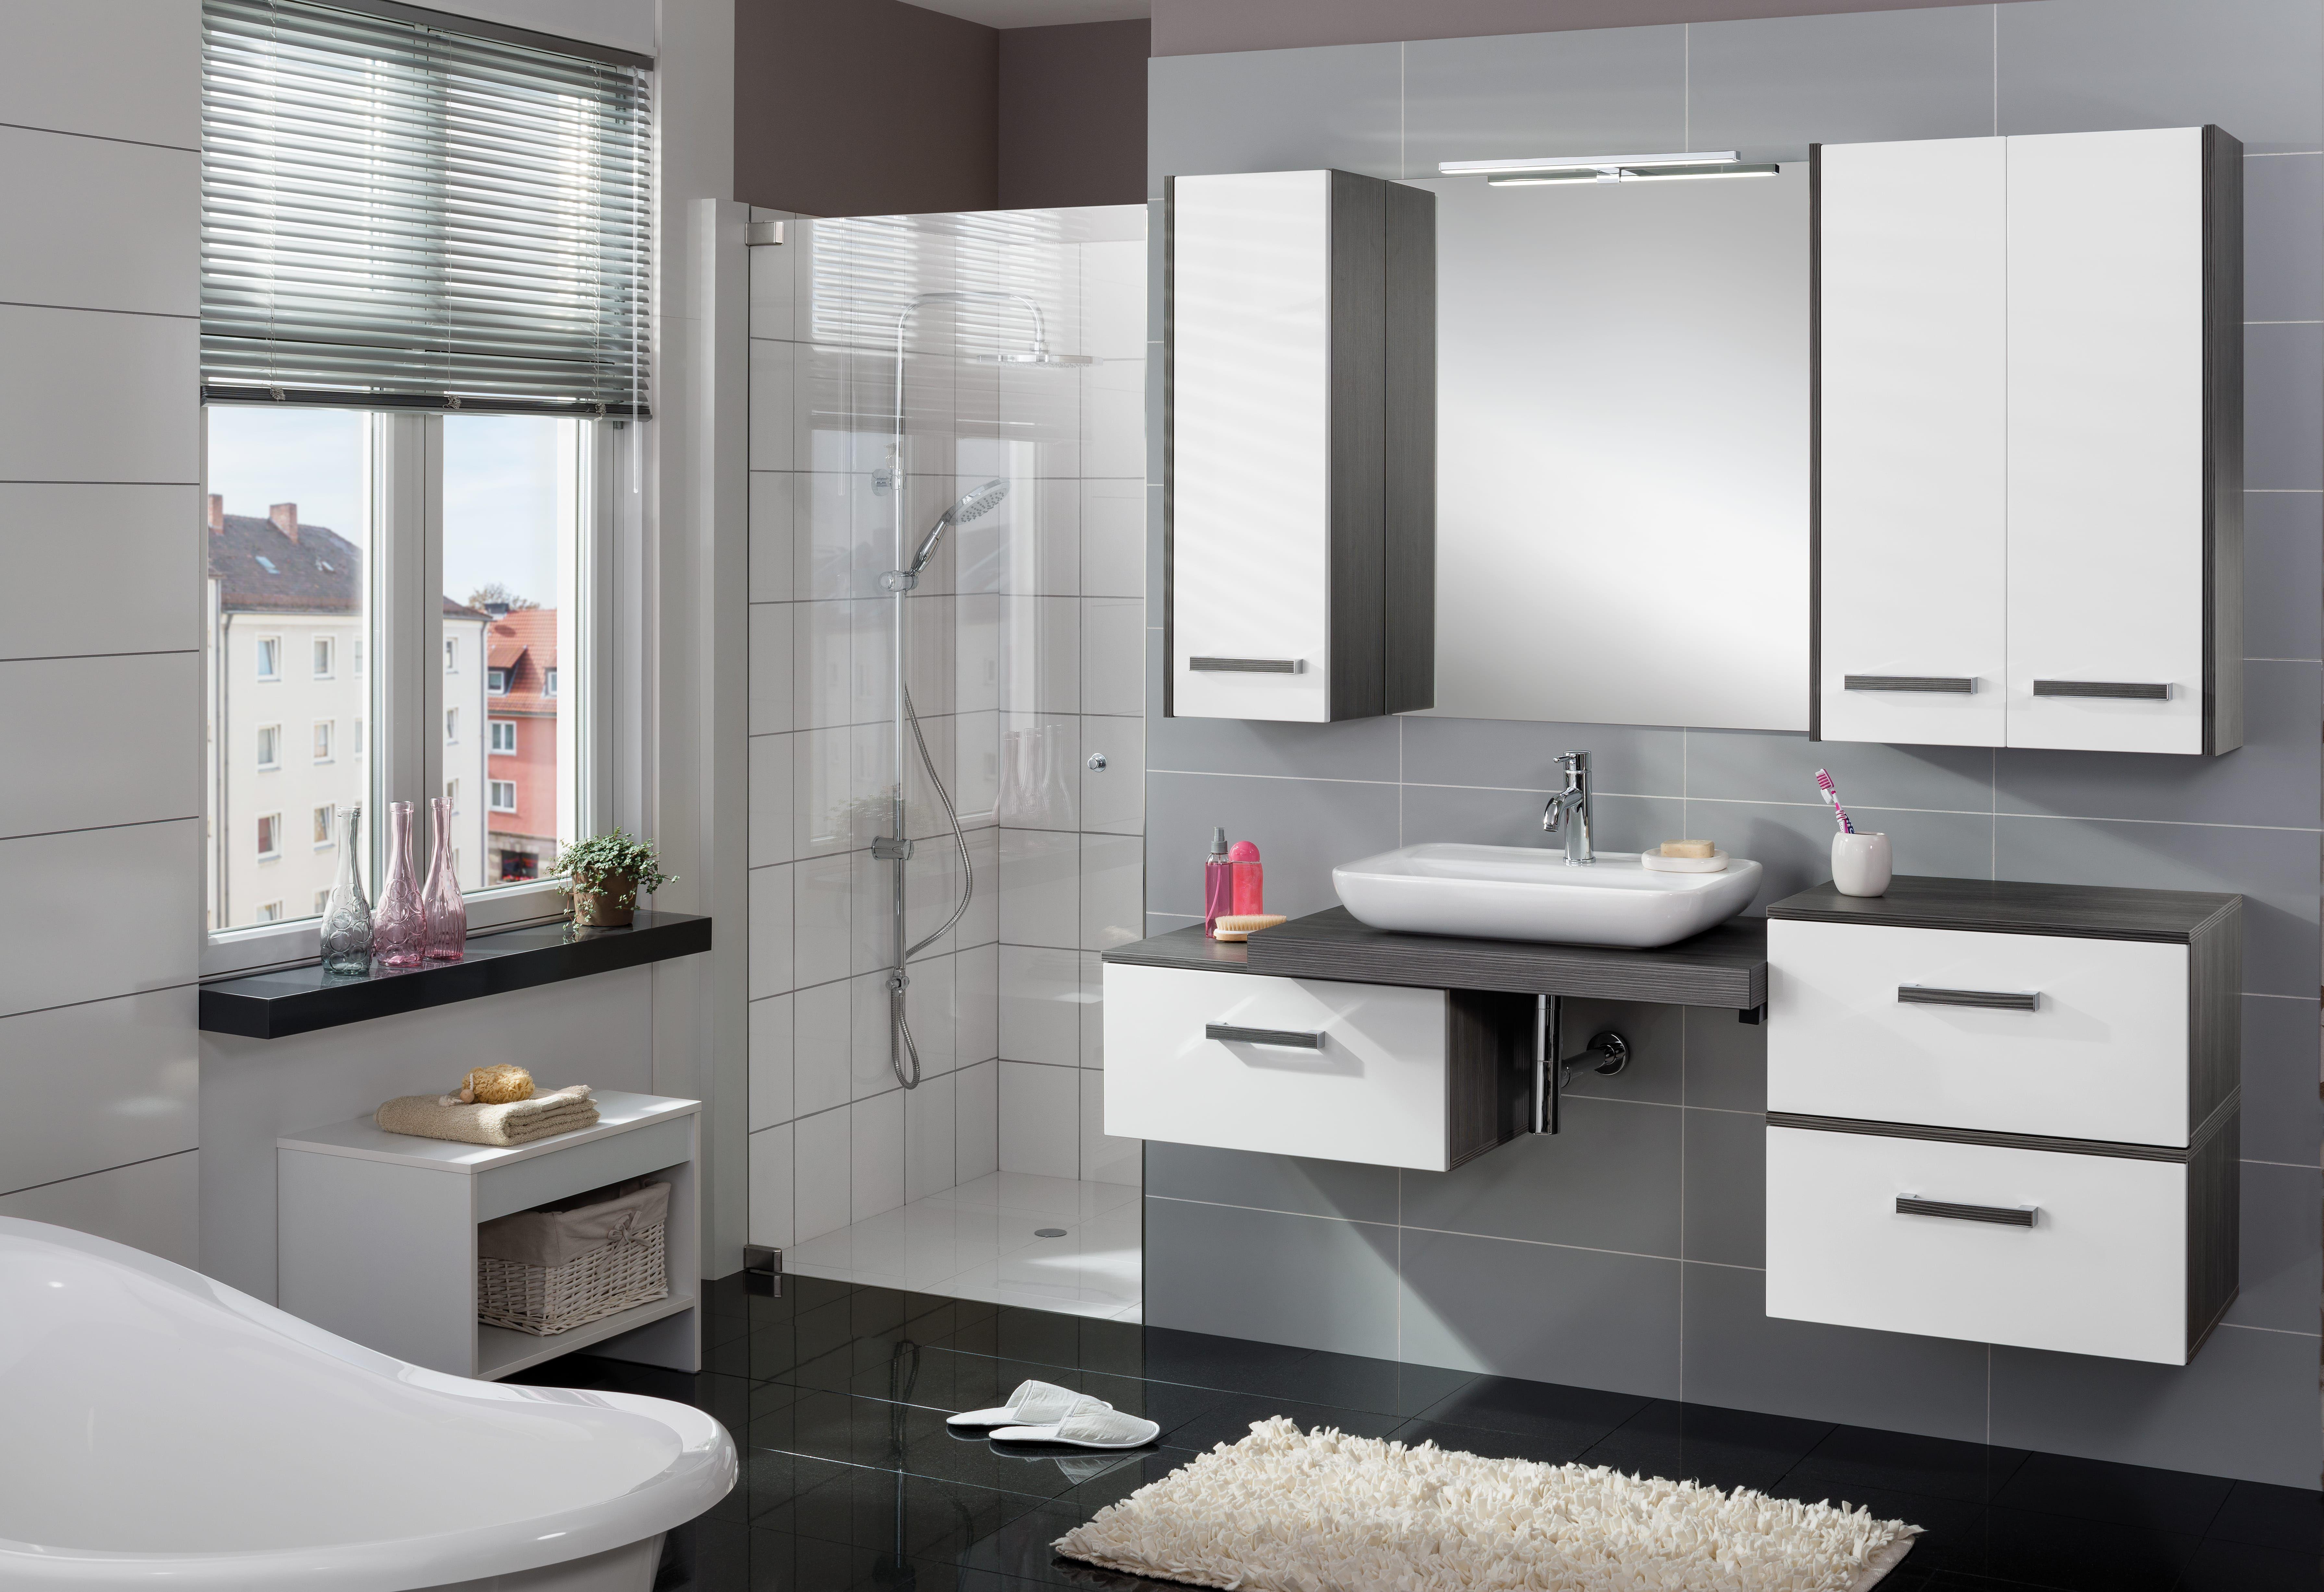 Wunderbar Badezimmer Set Negril (4 Teilig) Mattweiß, Schildmeyer Jetzt  Bestellen Unter Badezimmer Pinterest Set Fantastisch Little Bad Set Ideas  White Pink ...